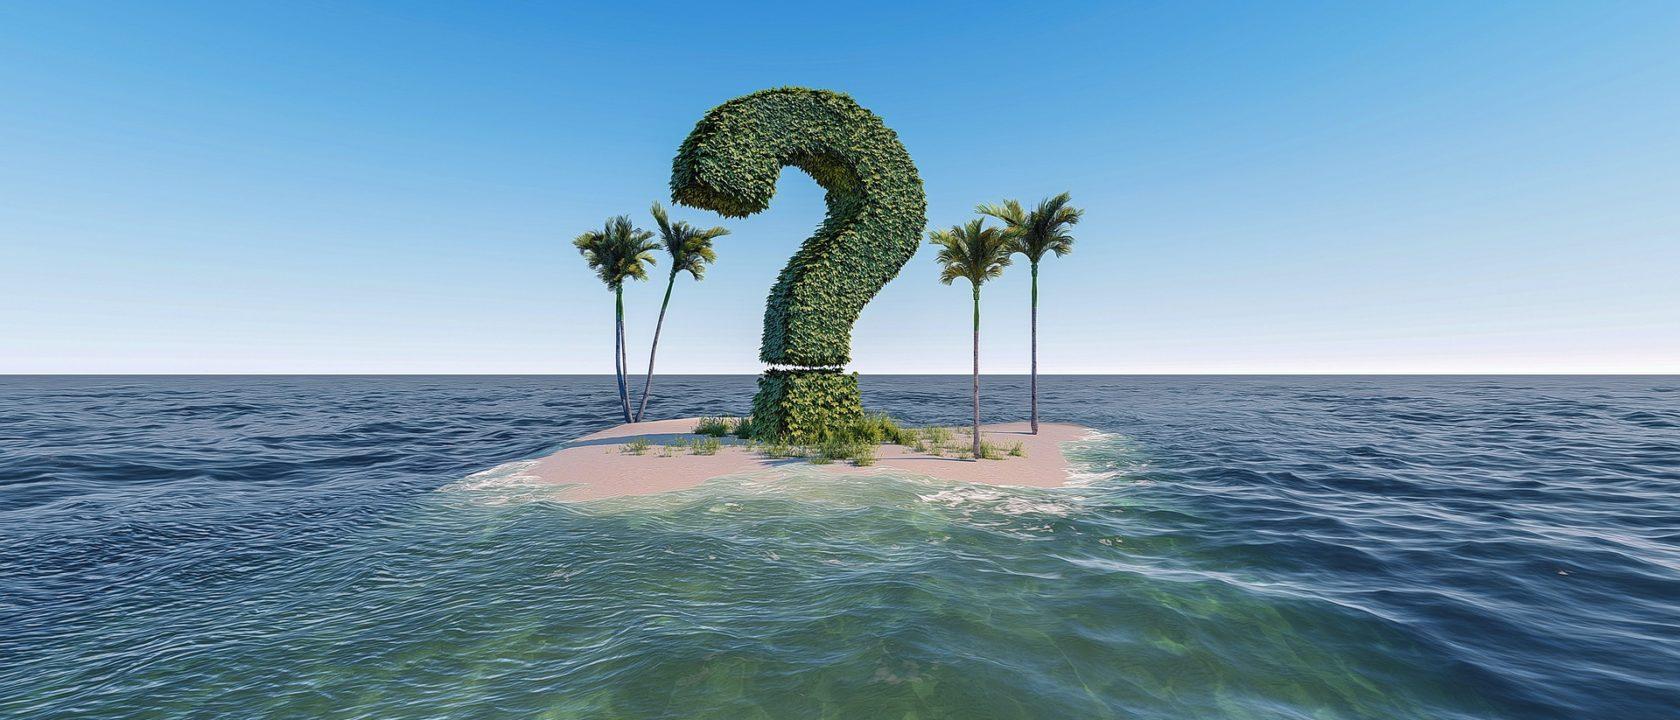 Kadınların tuzak soruları bir adada soru işareti görseliyle anlatılmış.